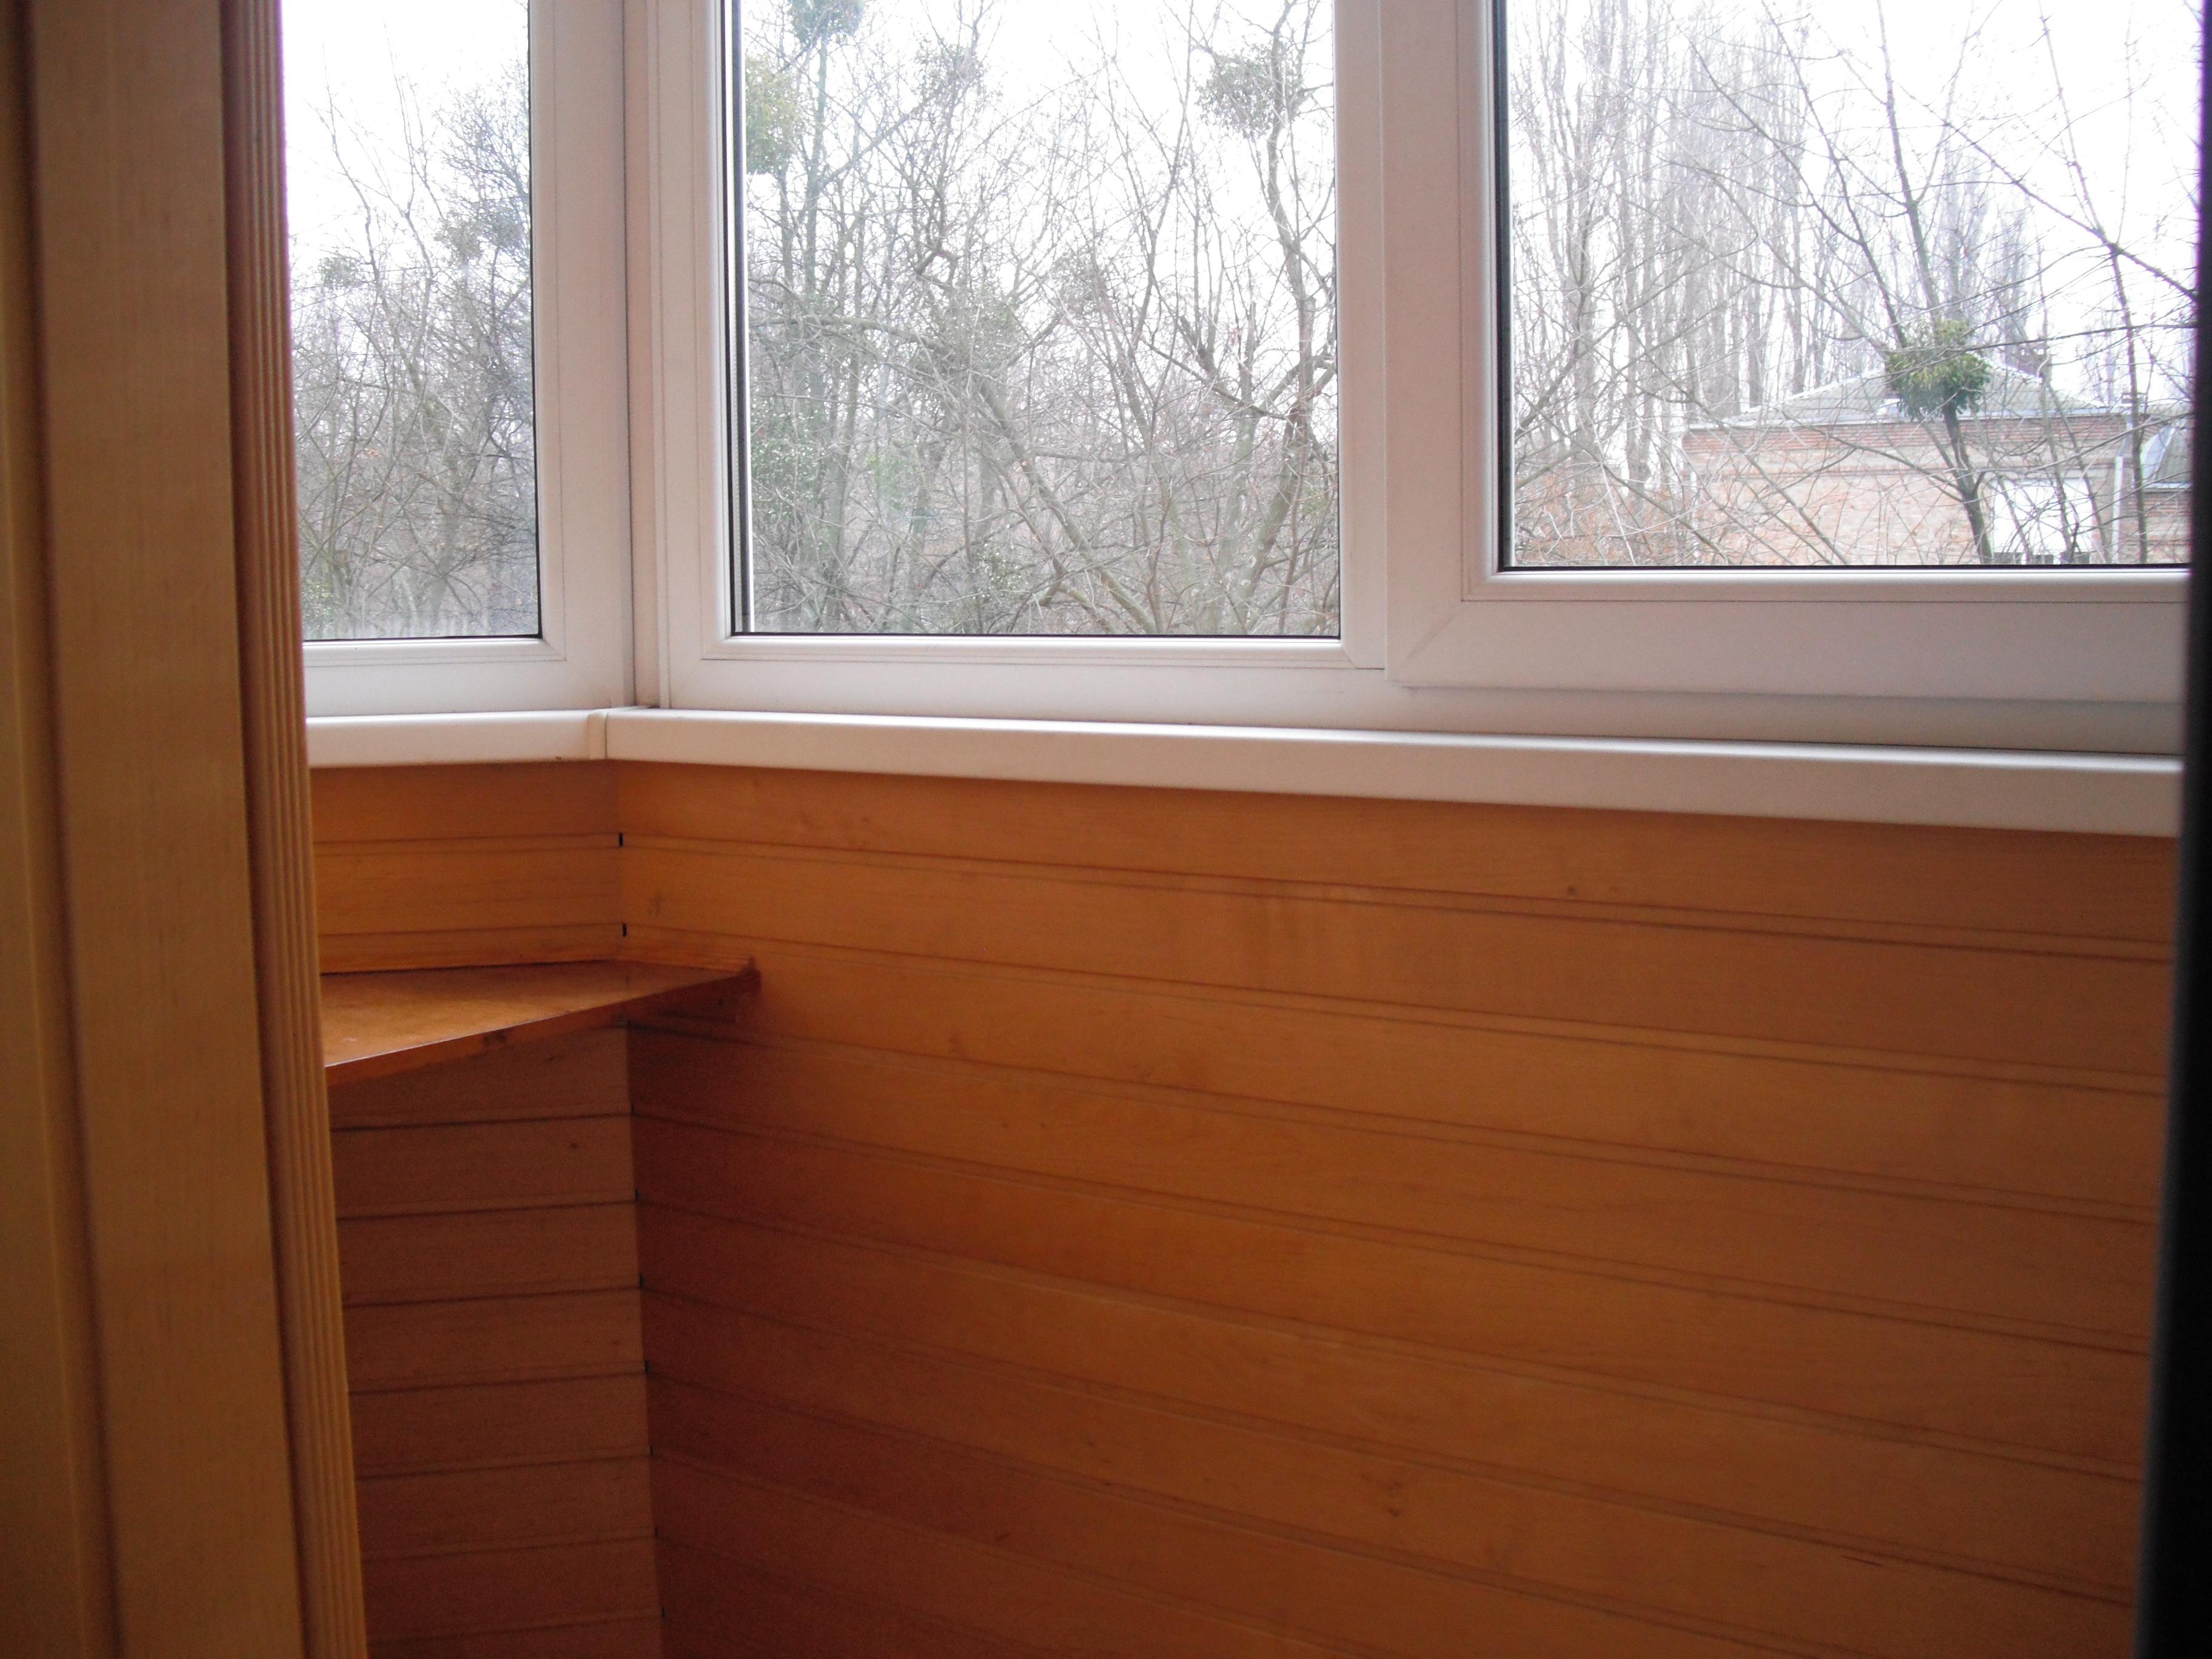 Mettre du lambris pvc sur du placo le tampon devi for Peinture sur lambris pvc